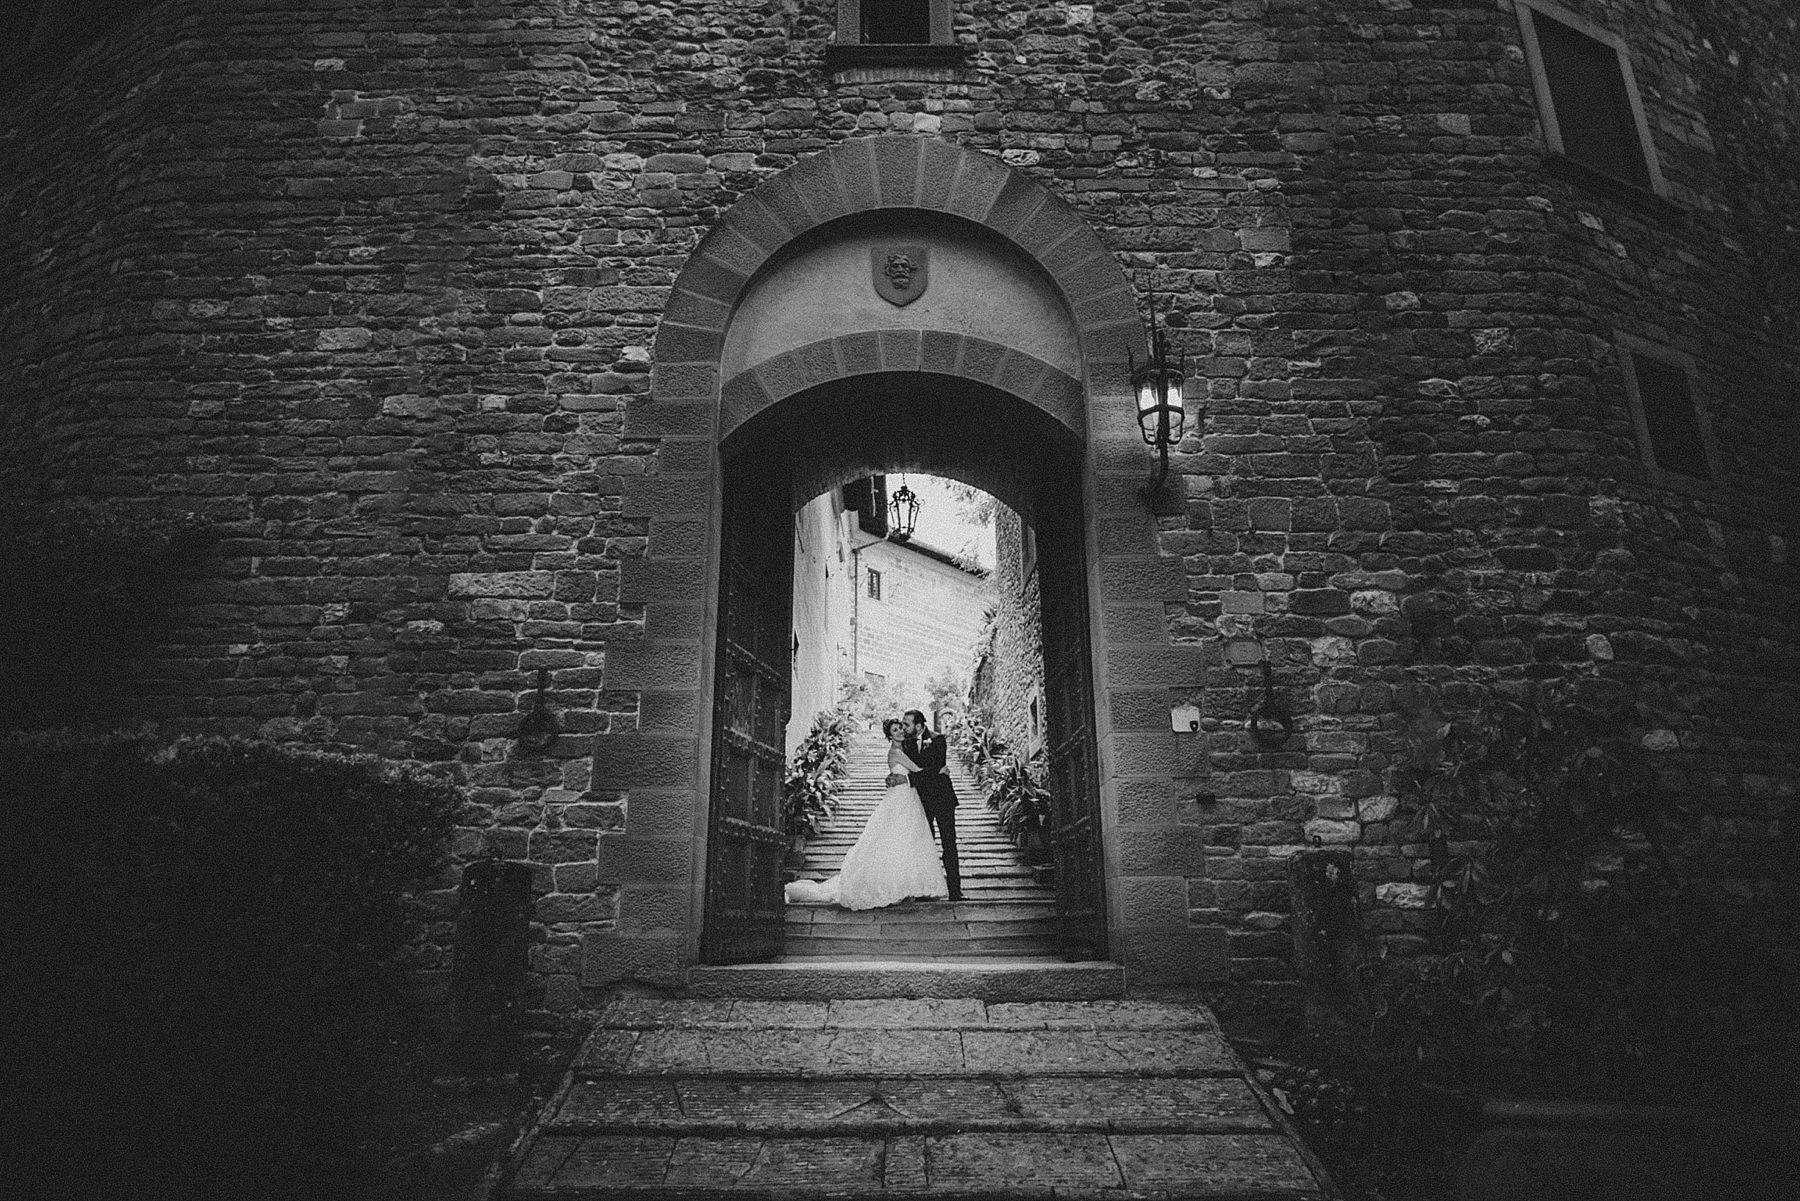 matrimonio al castello di barberino nel mugello